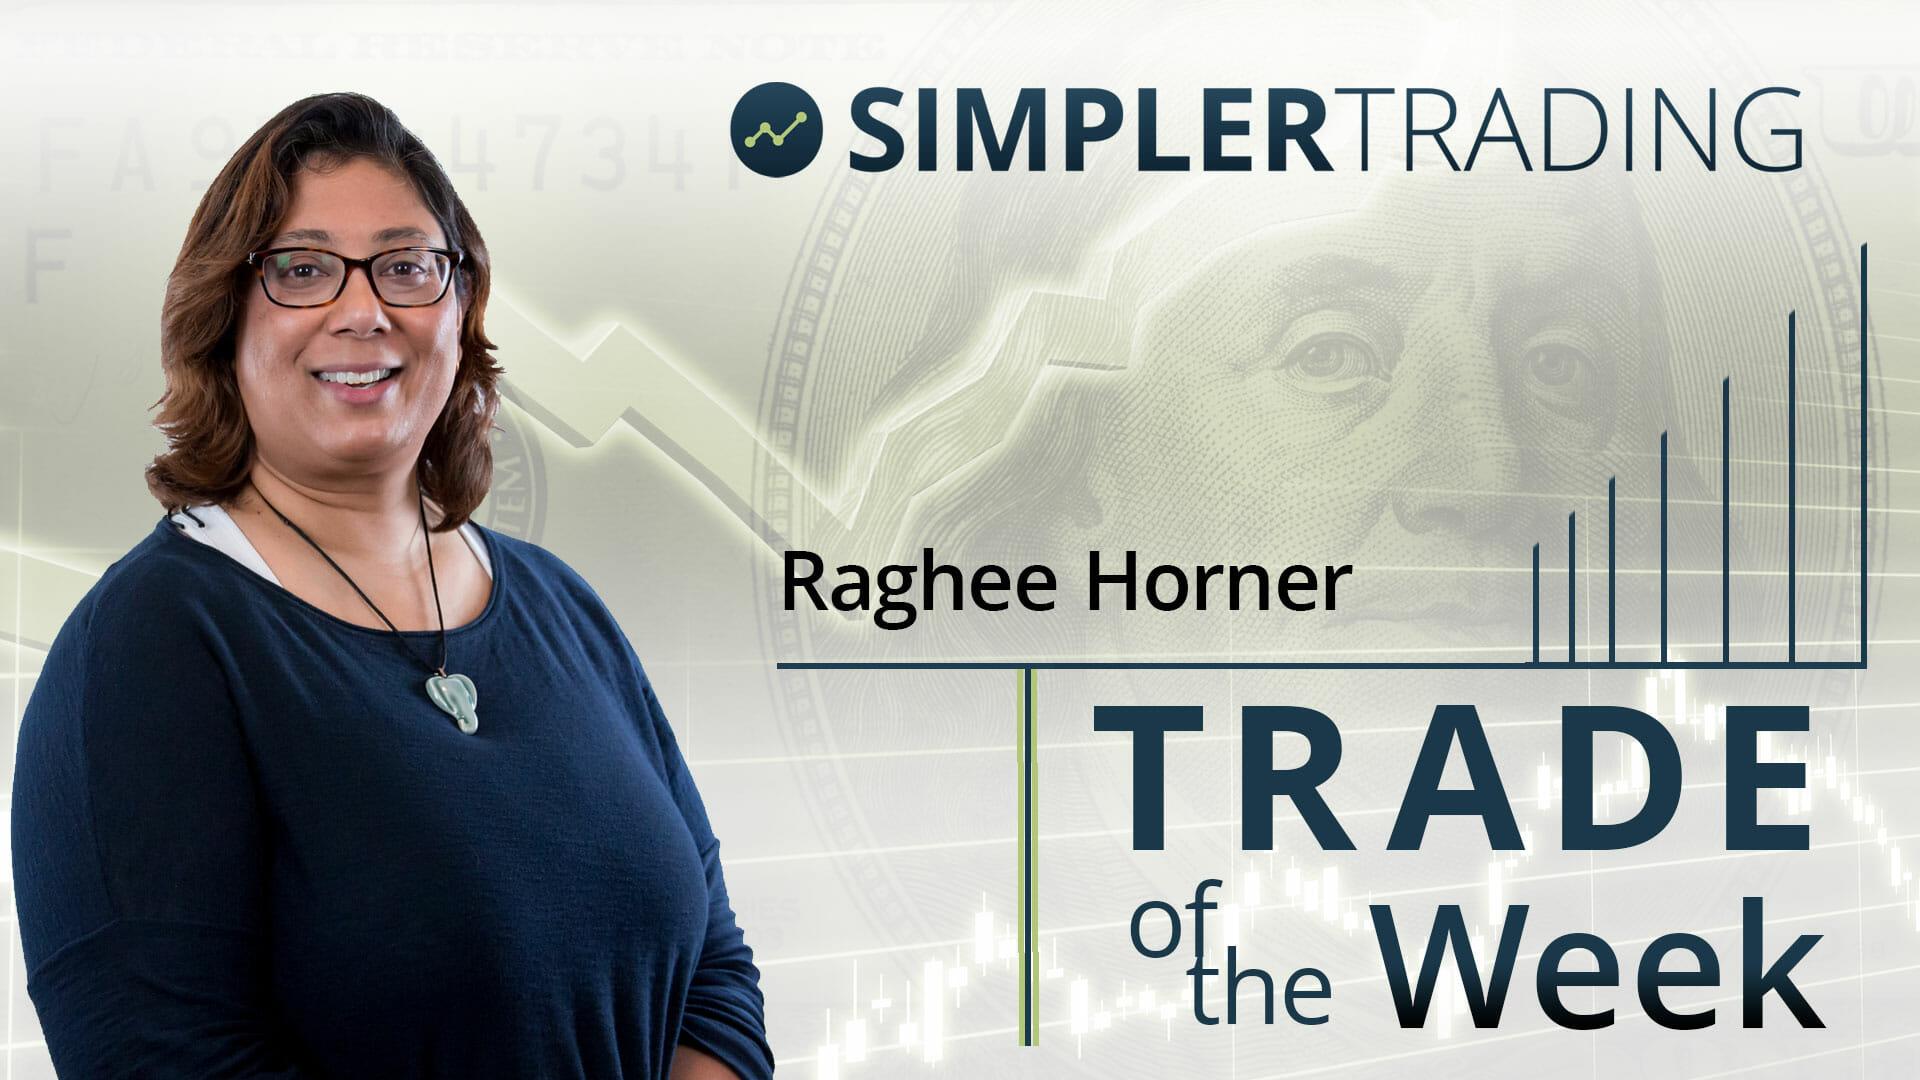 Trade of the Week Raghee Horner